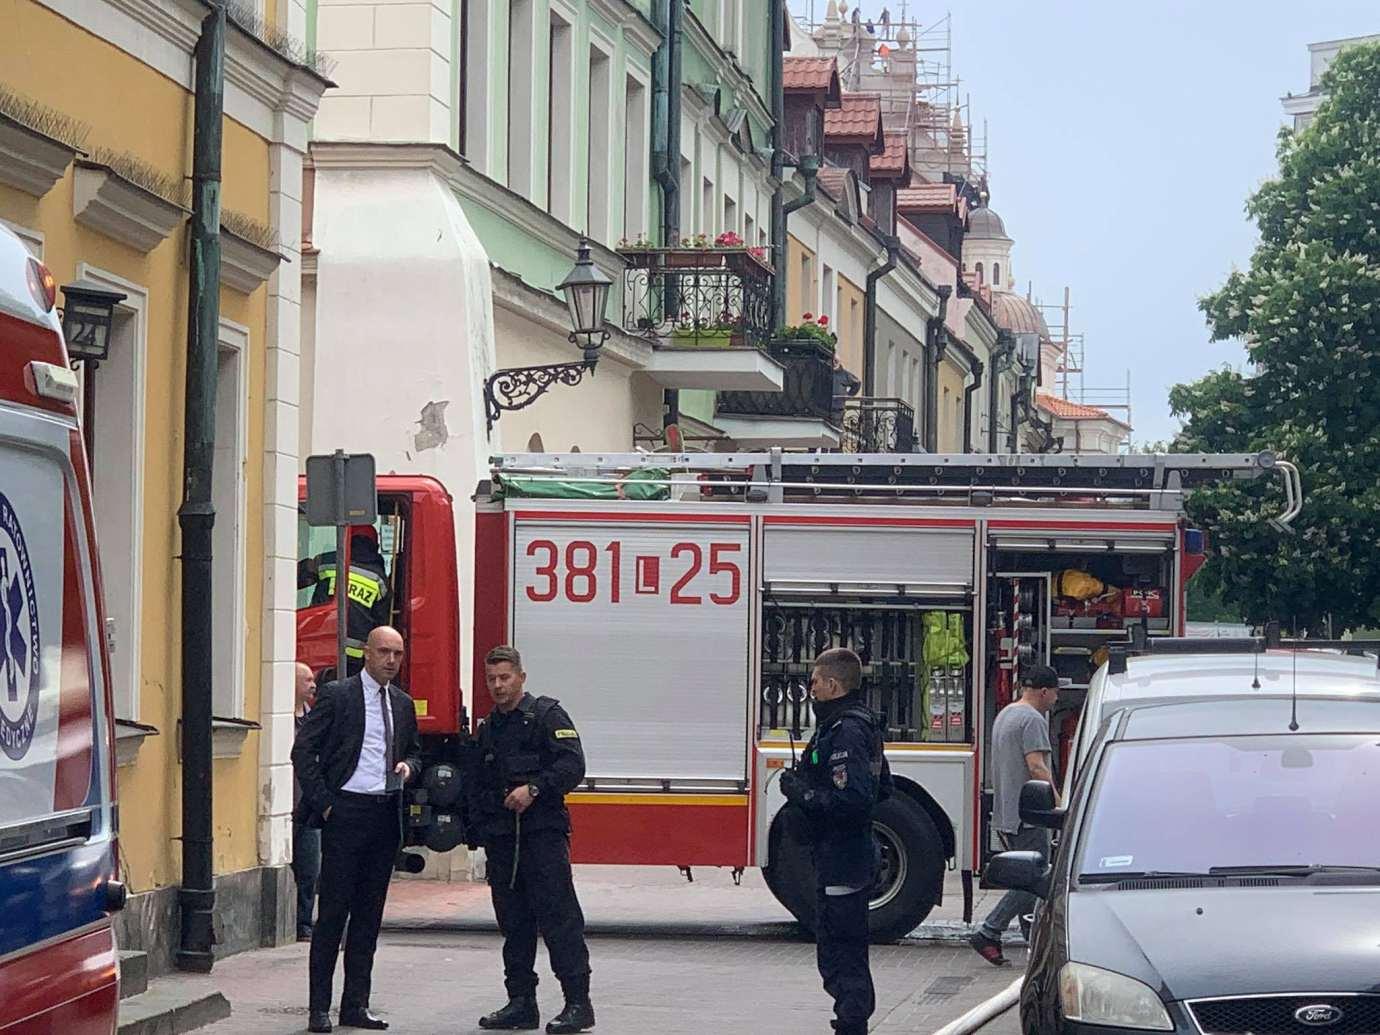 101626981 676963479703672 3078561033682419712 n Zamość: Pożar przy ul. Żeromskiego. Policjant ewakuował mężczyznę z zadymionego mieszkania